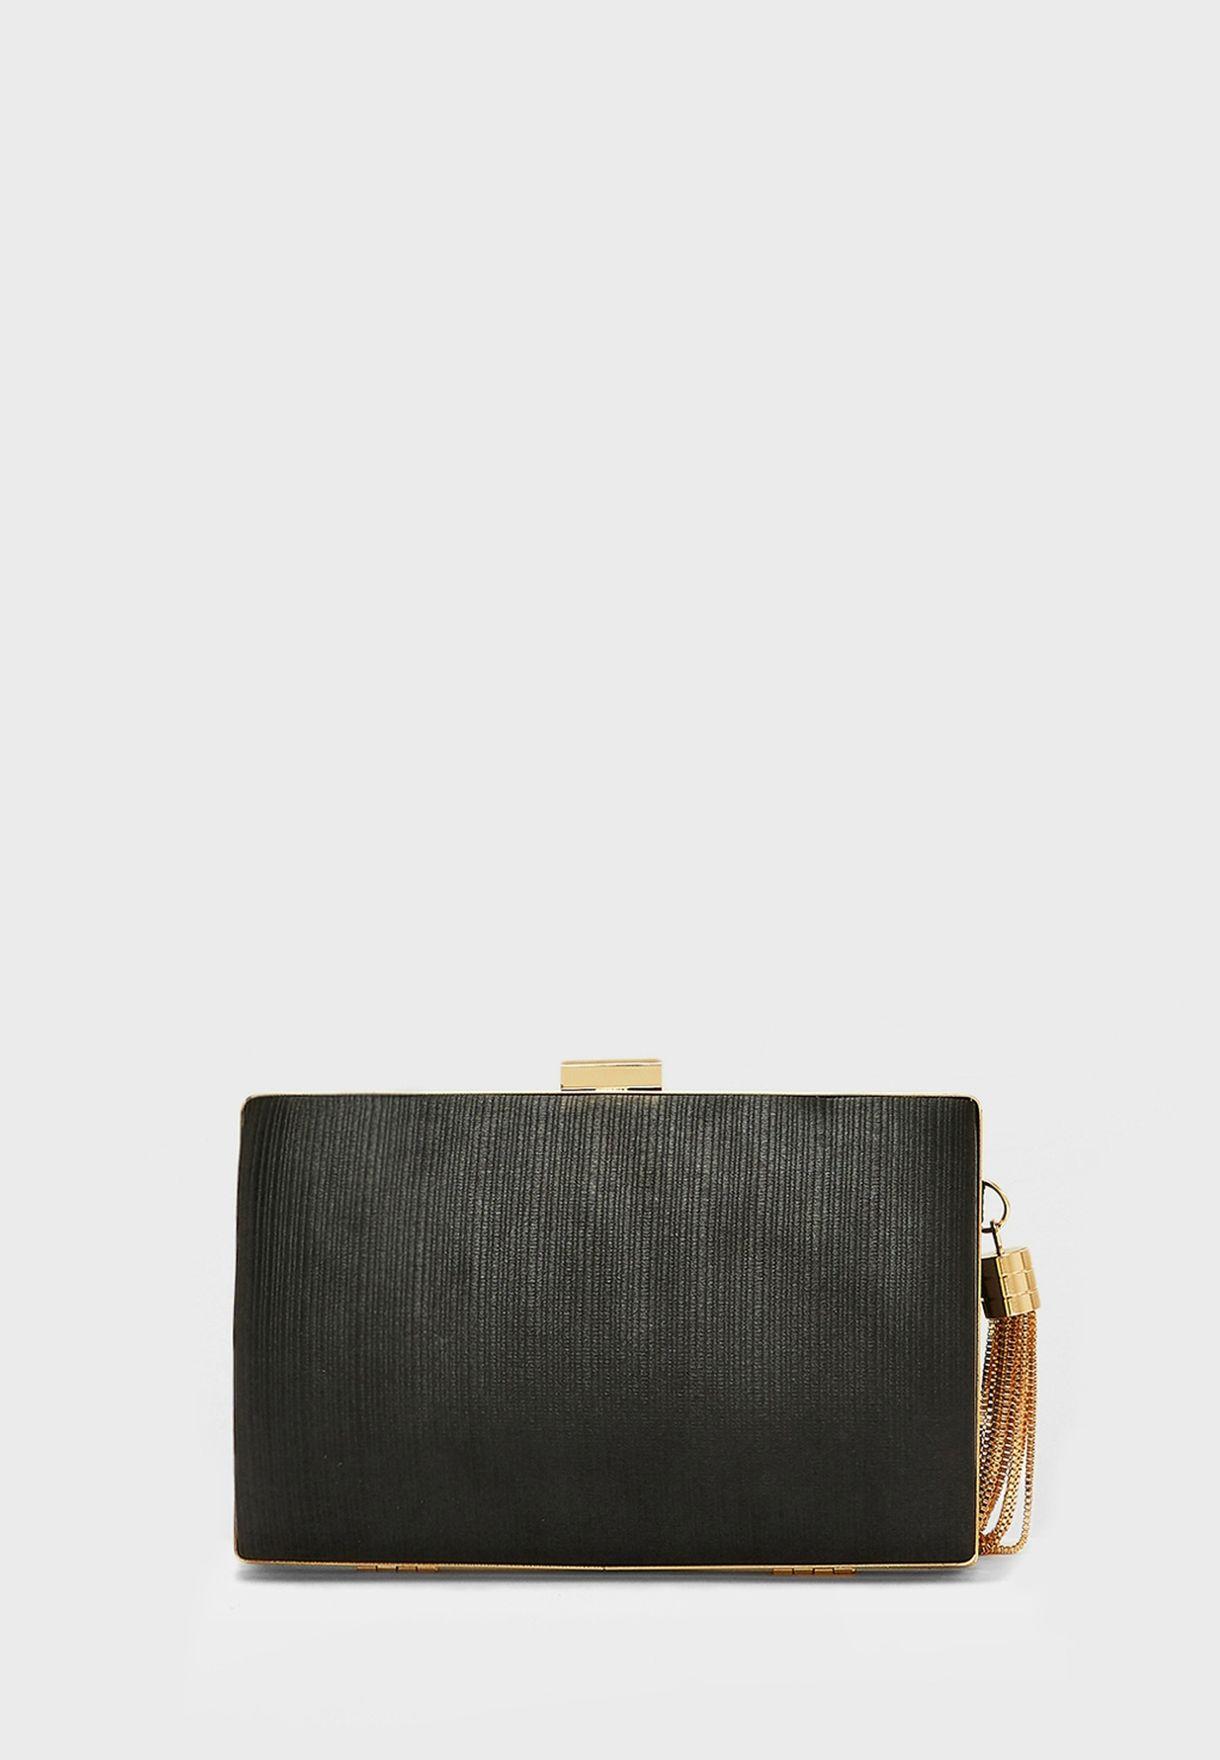 Criss Cross Clutch Bag